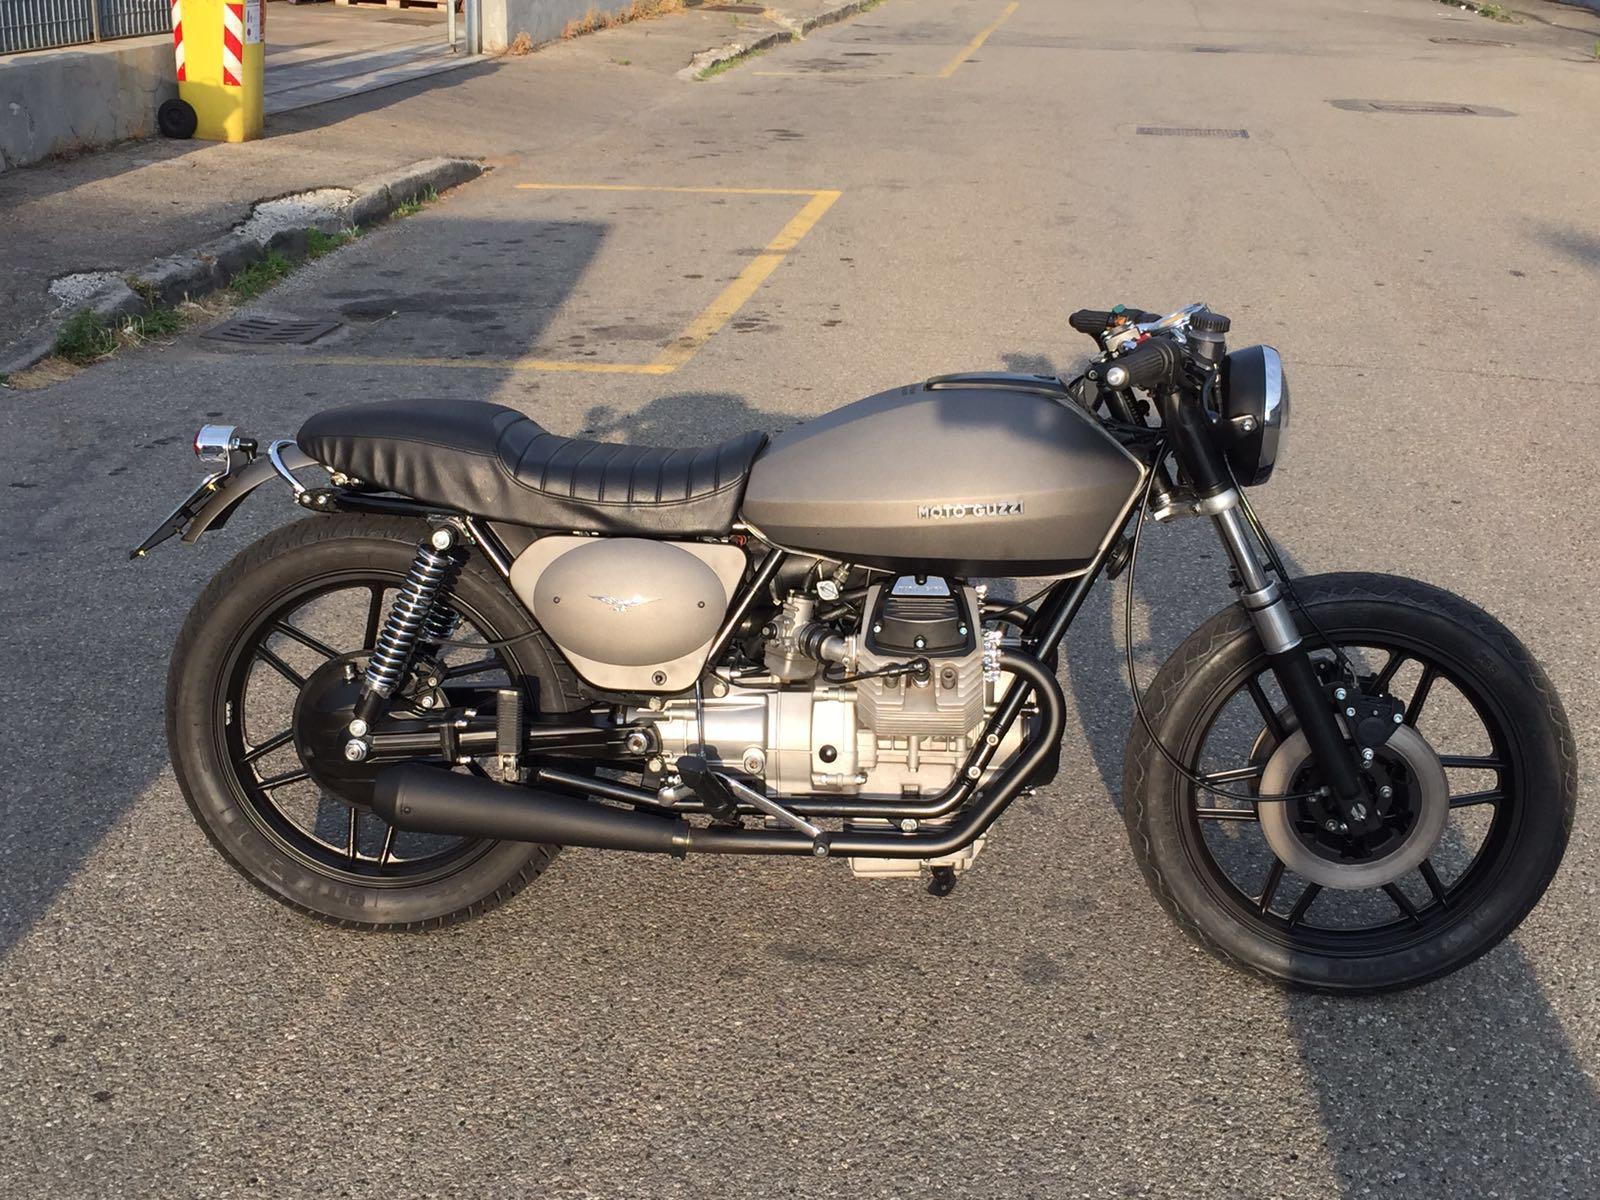 moto Guzzi personalizzata su base V50 Dark guareschi moto parma